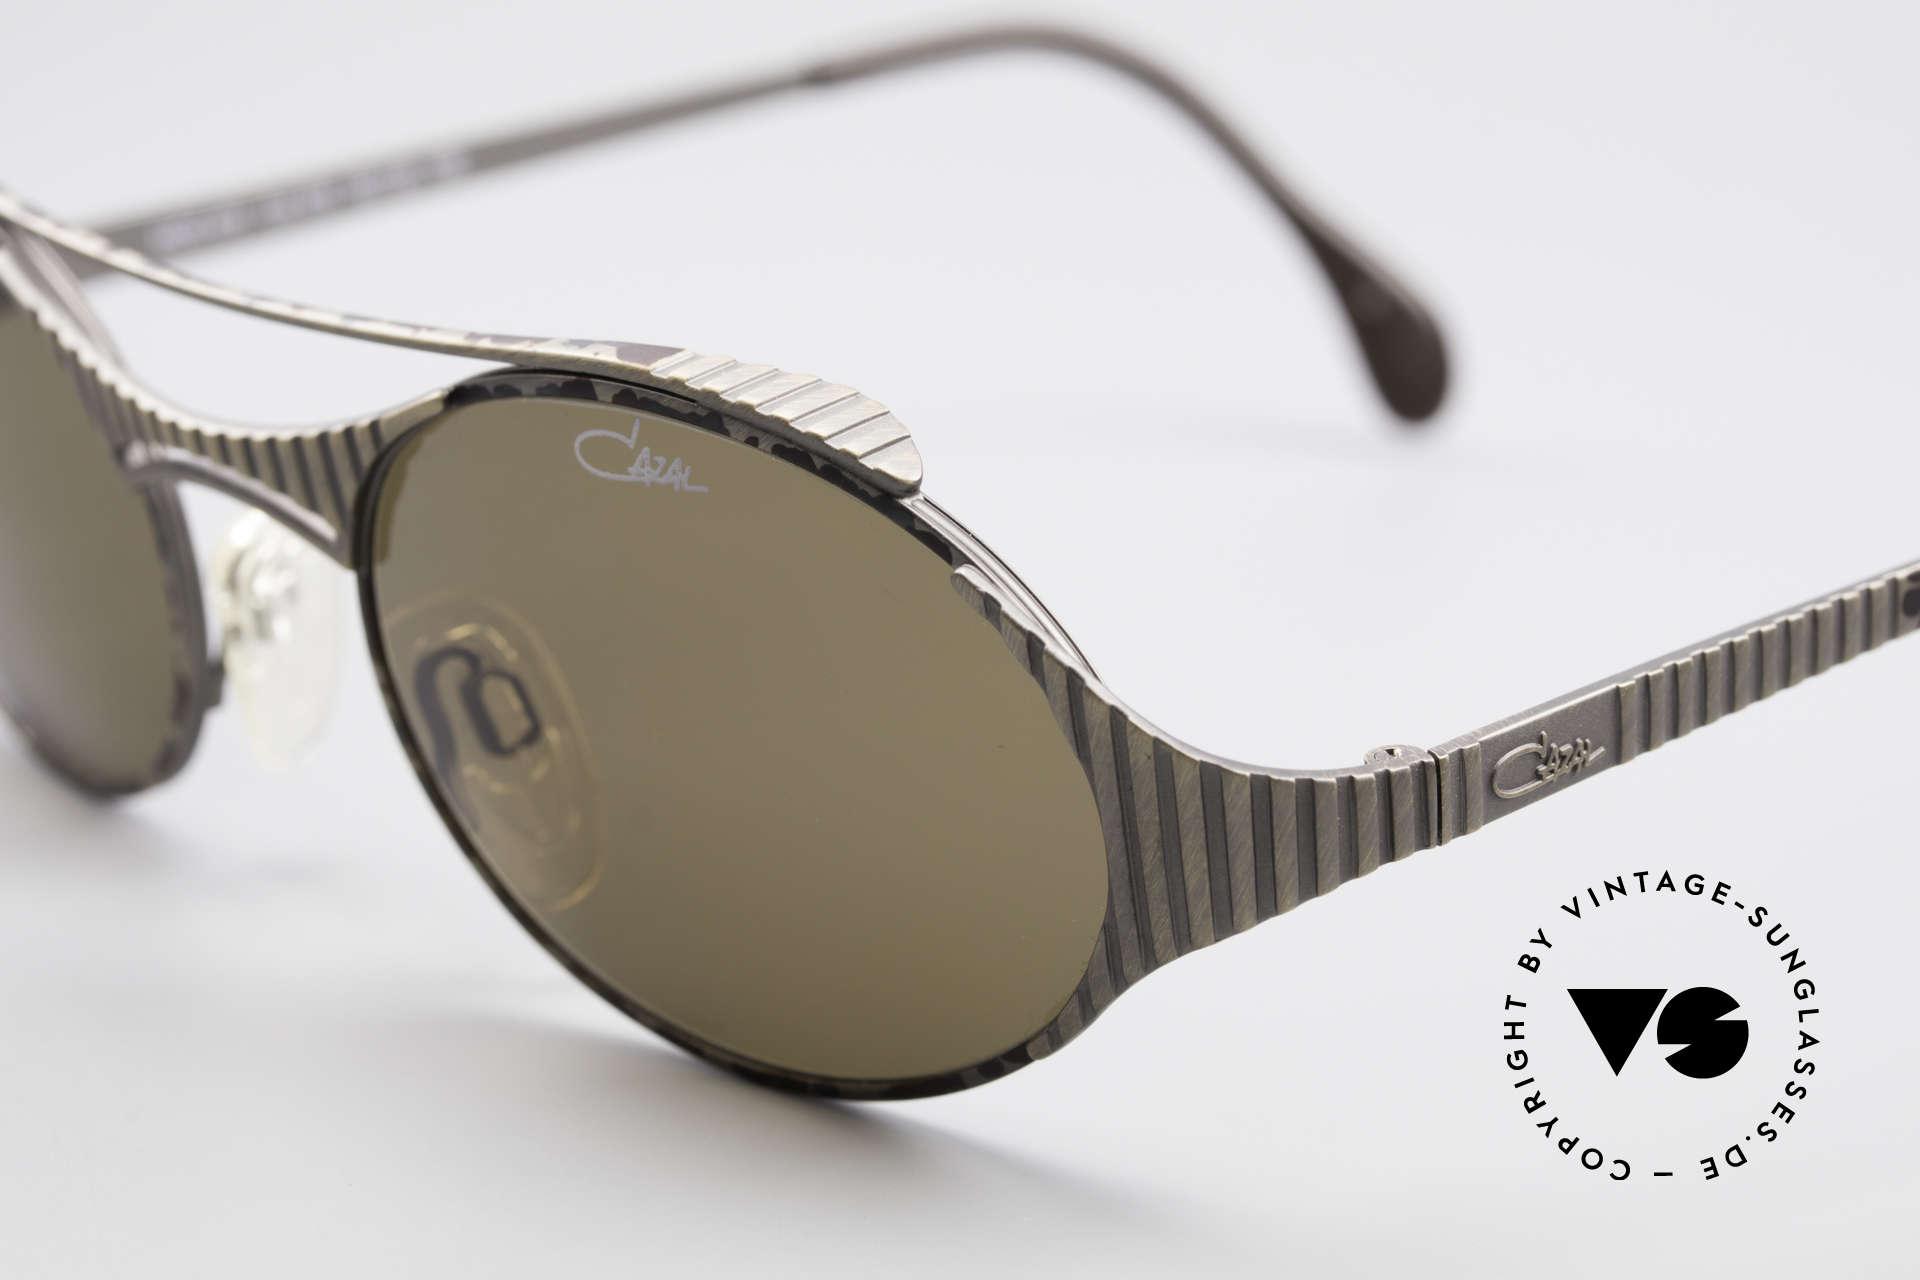 Cazal 978 Vintage Designer Sonnenbrille, ungetragen (wie alle unsere vintage CAZAL Brillen), Passend für Herren und Damen